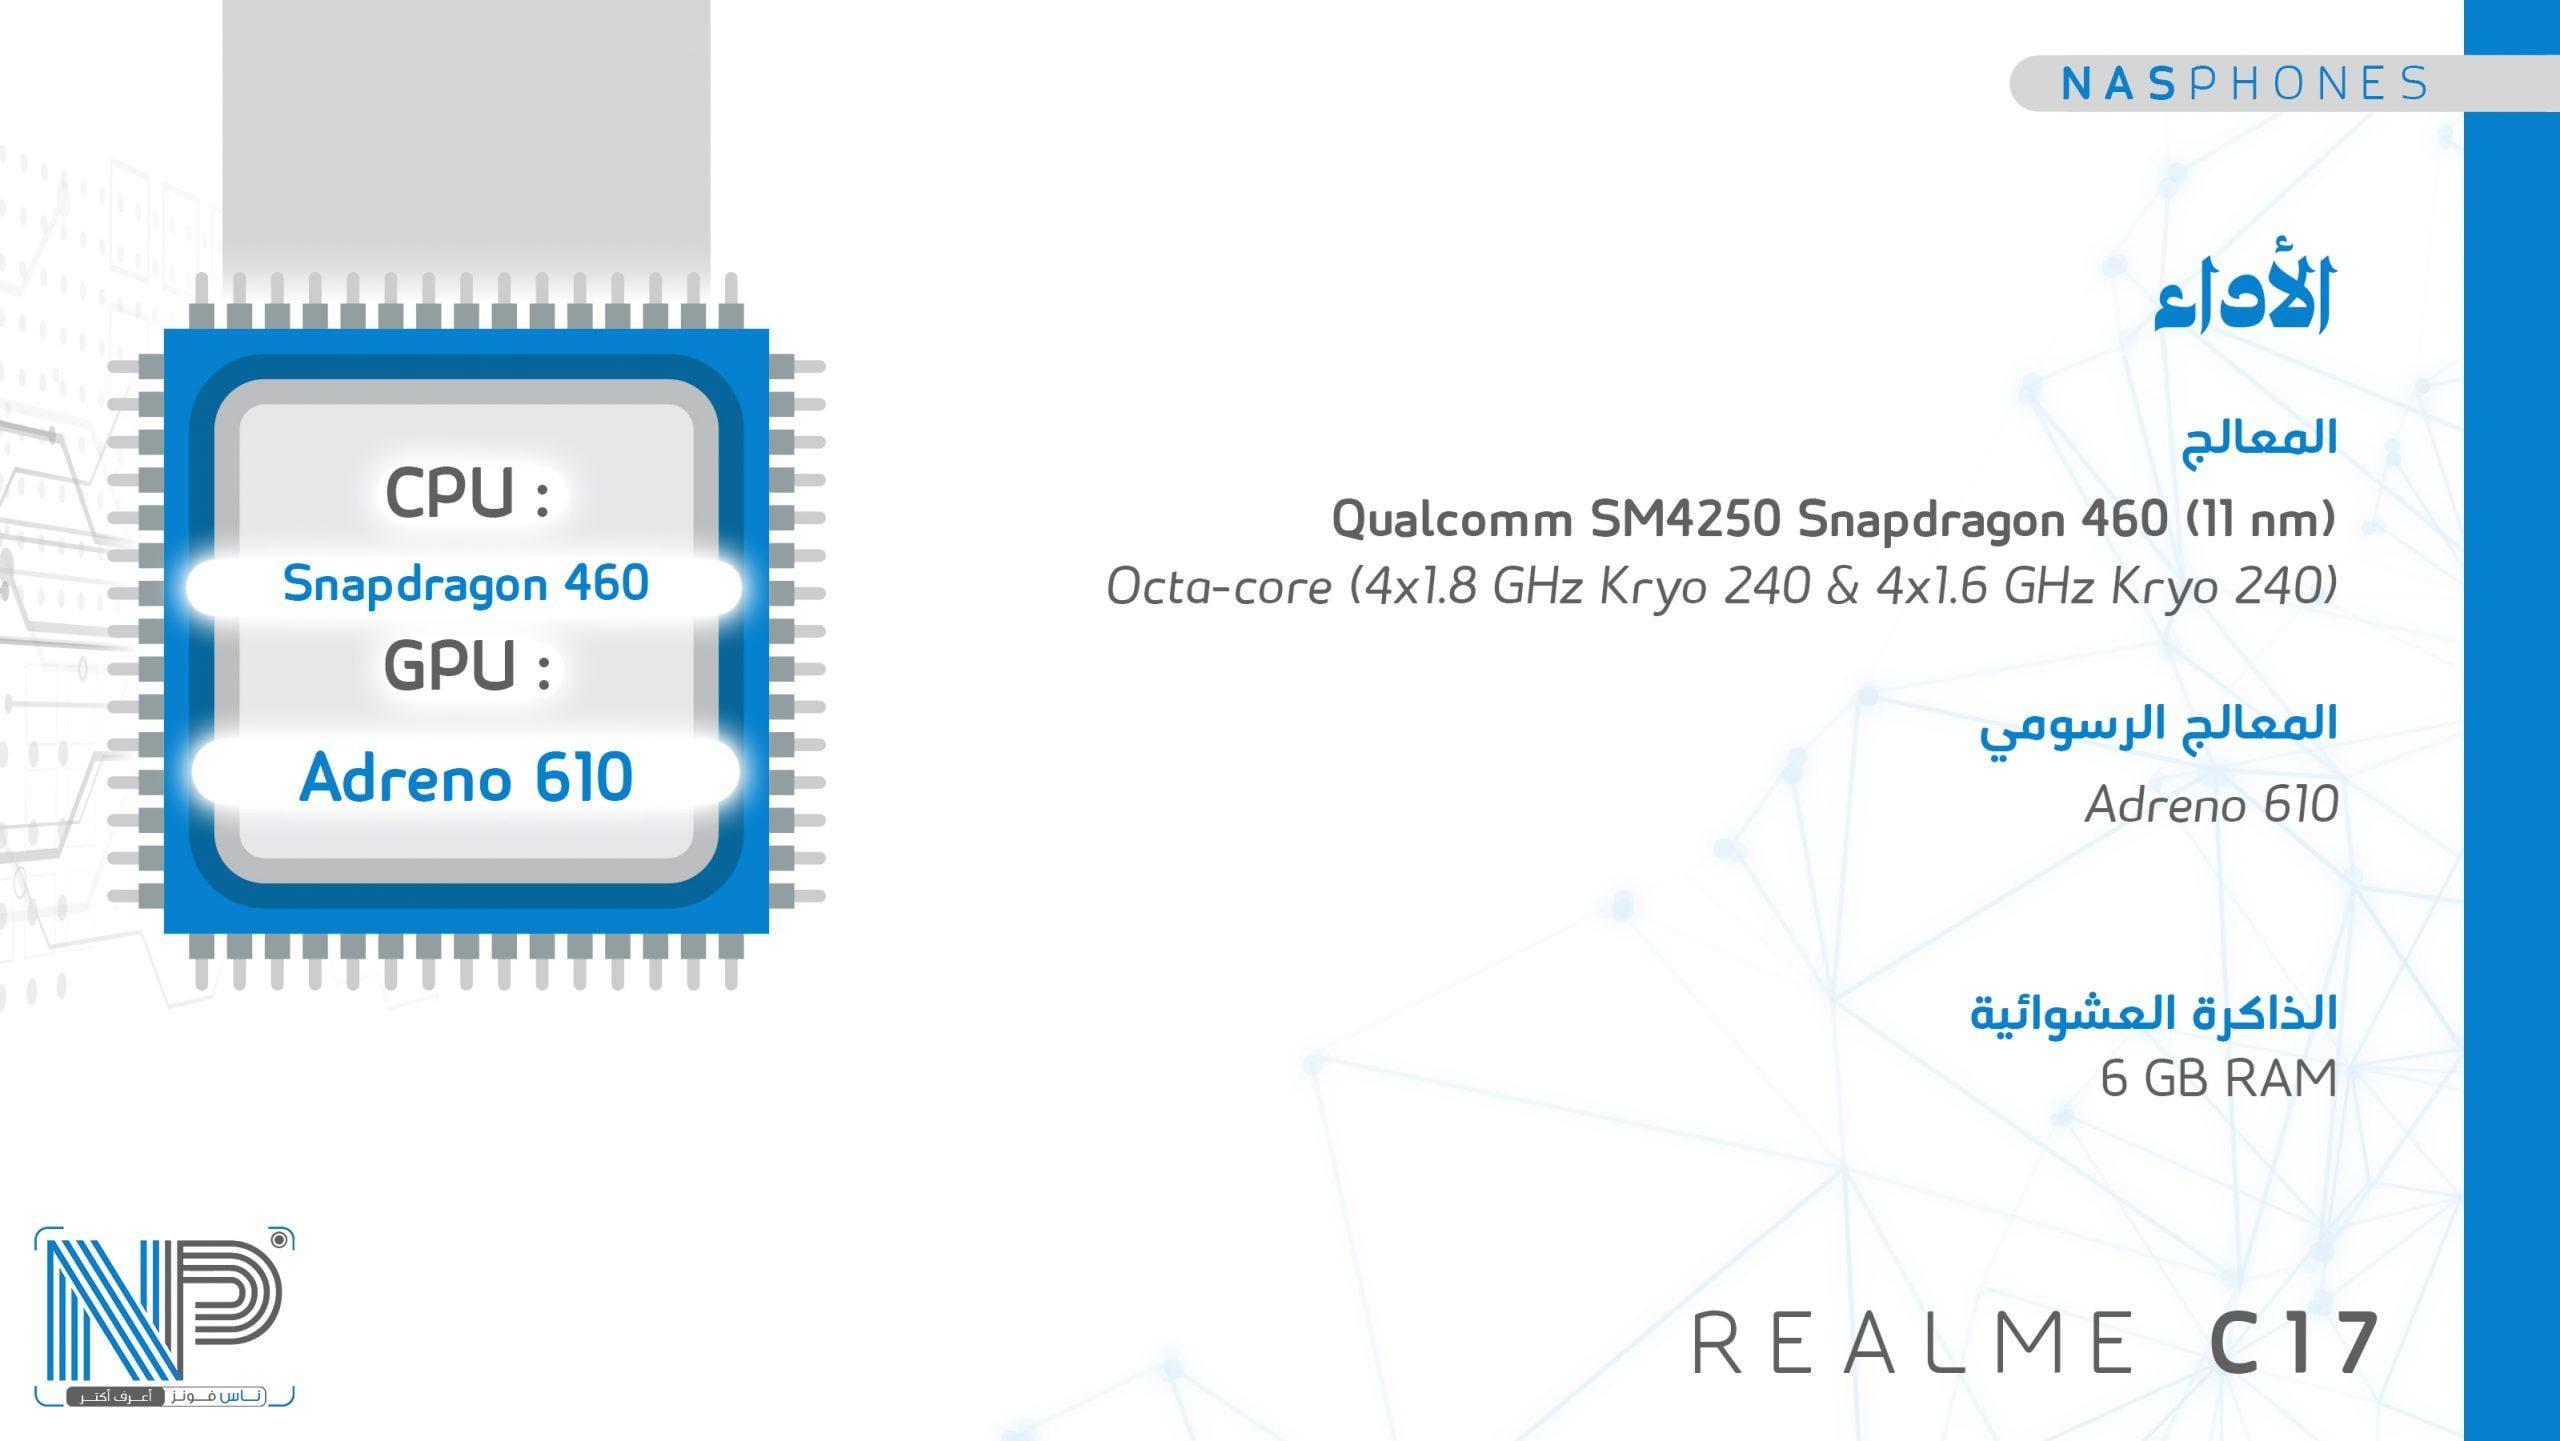 أداء موبايل realme C17